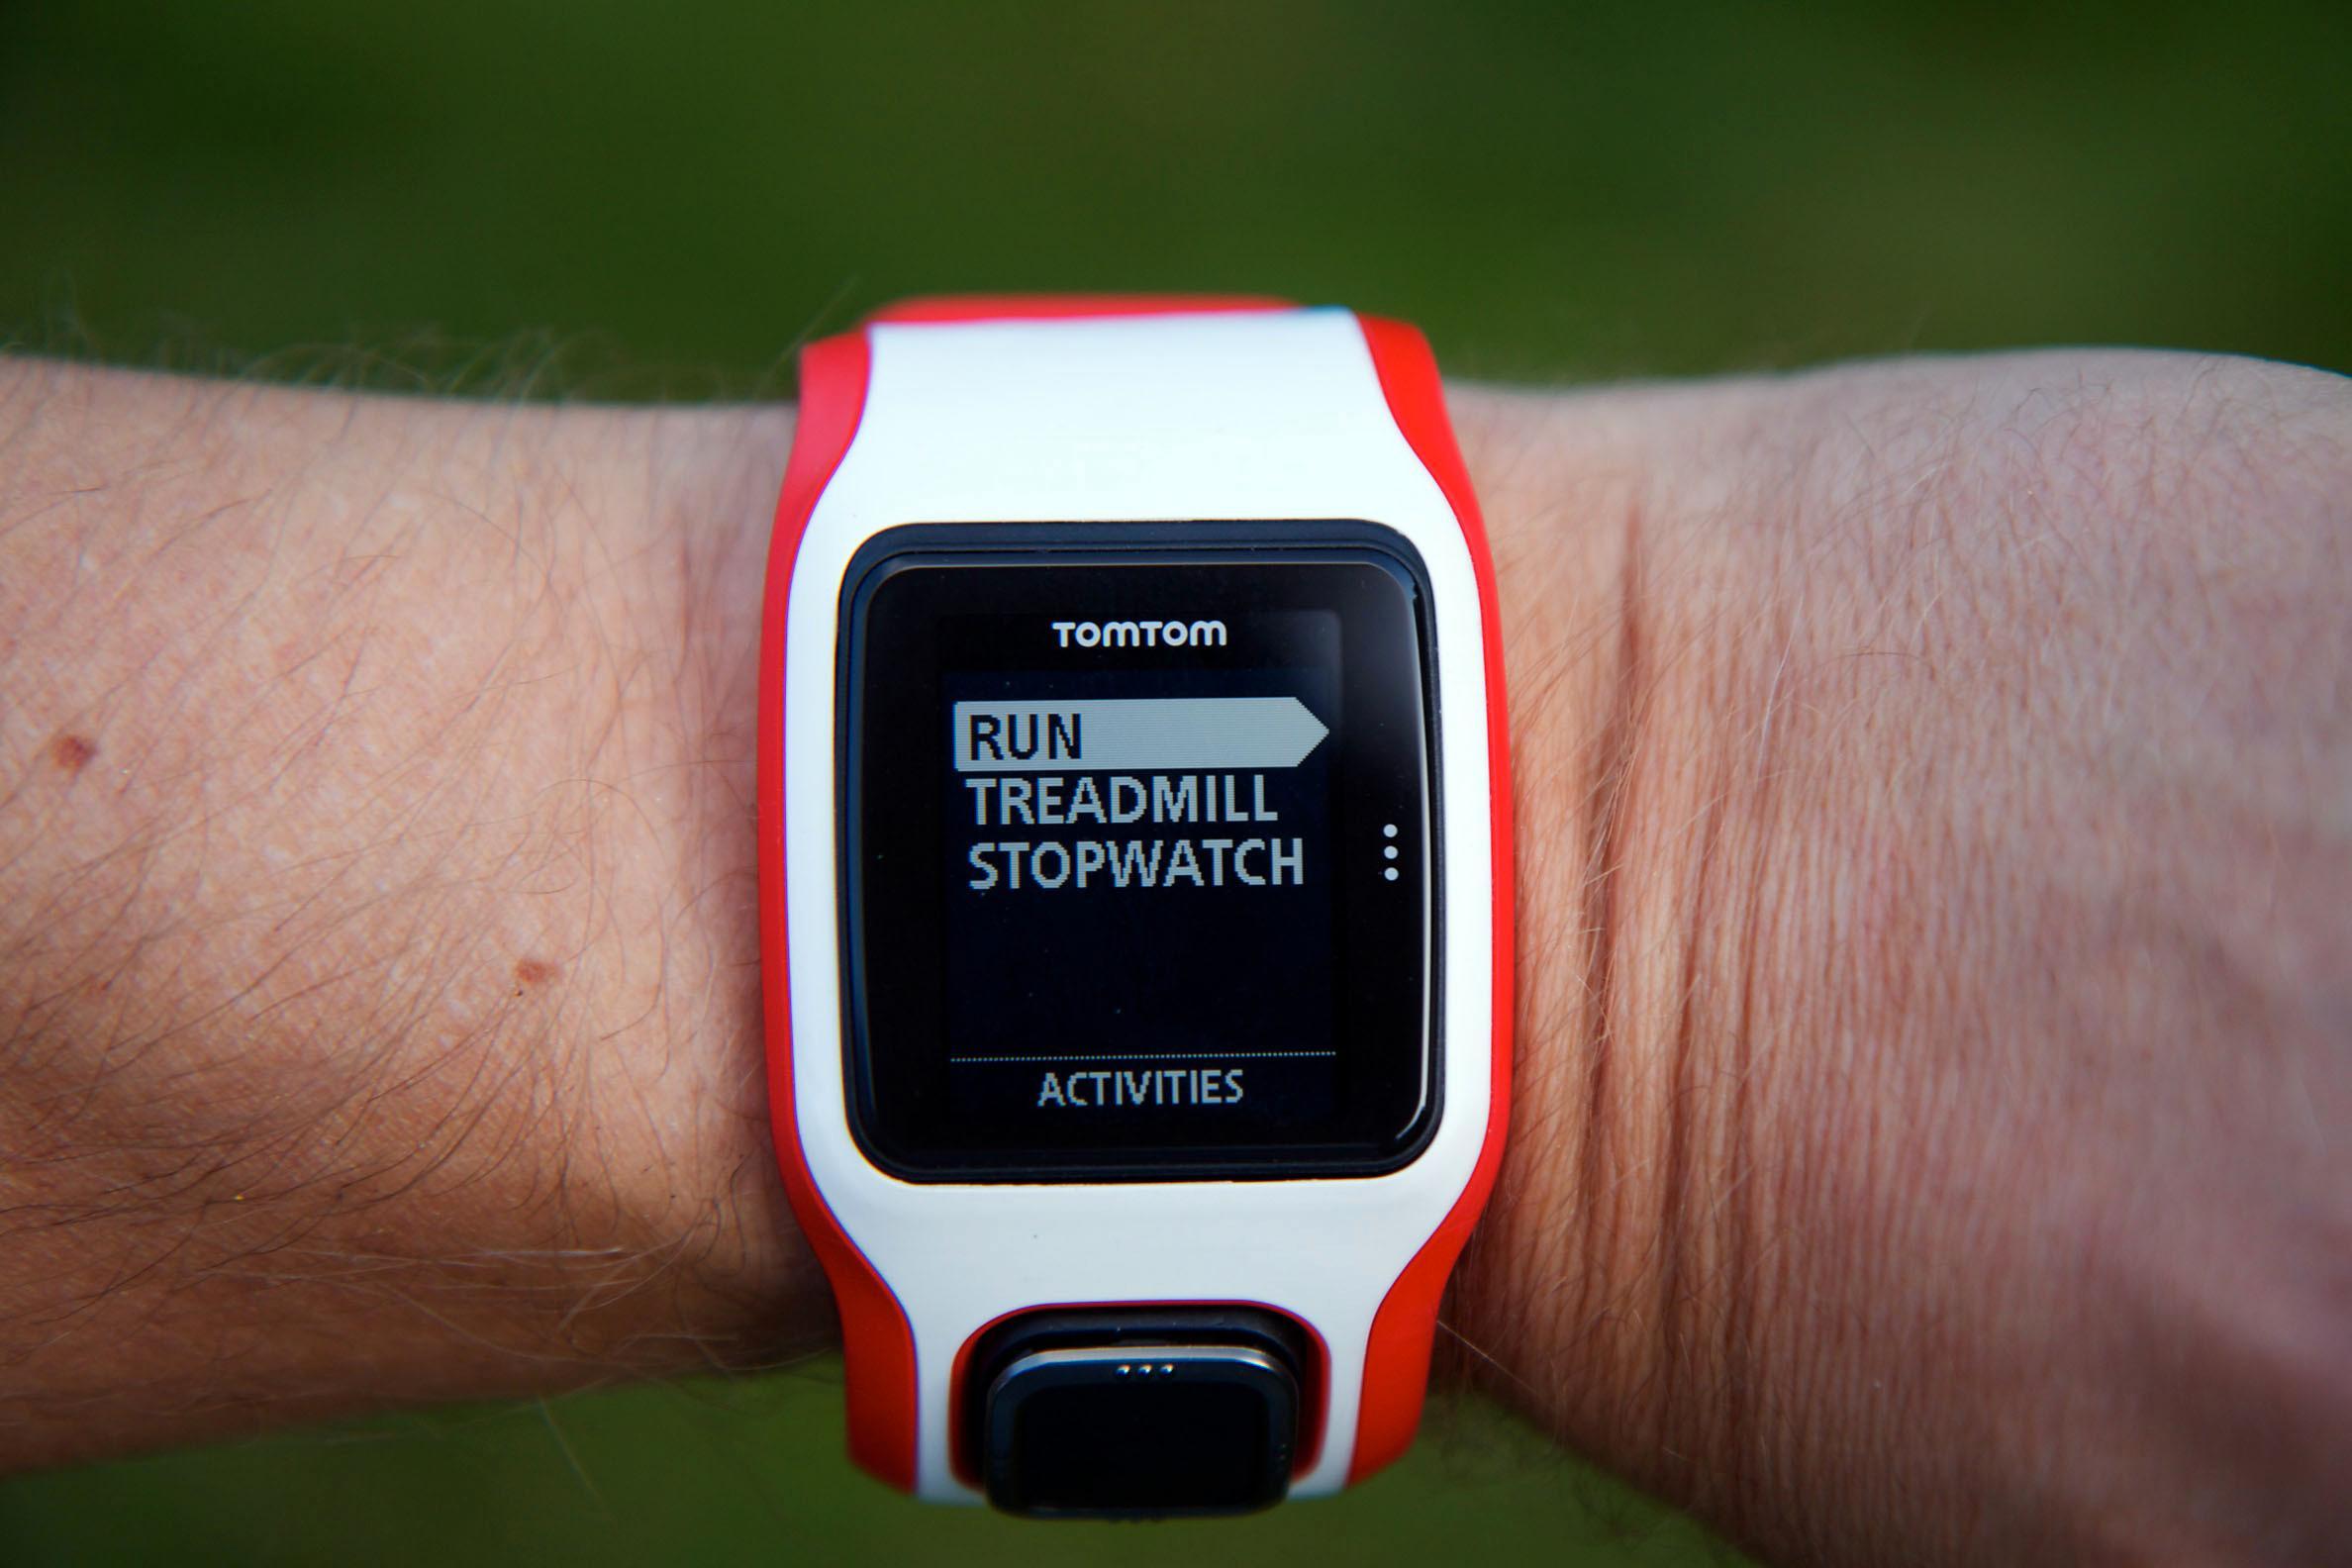 Velg mellom utendørs løping, tredemølle eller stoppeklokke. Velger du Multi-Sport-varianten av klokken, kan du også velge svømming og sykling.Foto: Kurt Lekanger, Amobil.no